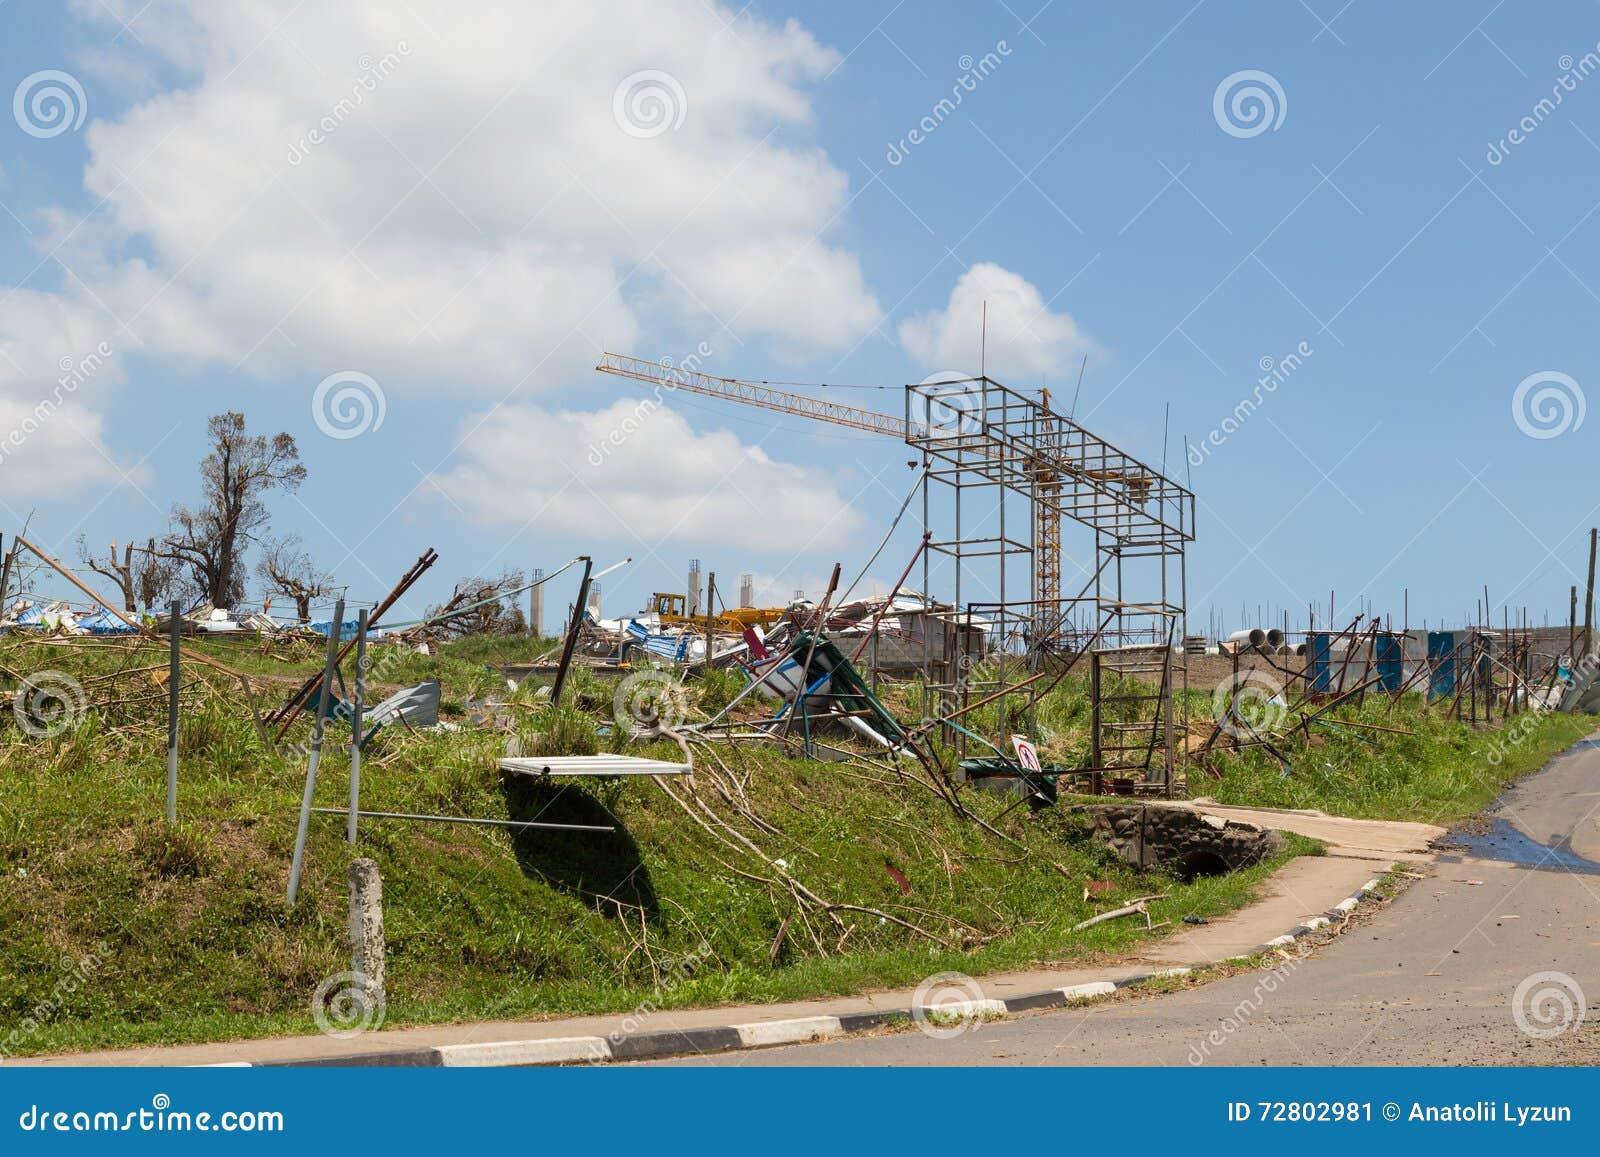 Distruzione causata dal ciclone tropicale Winston fiji